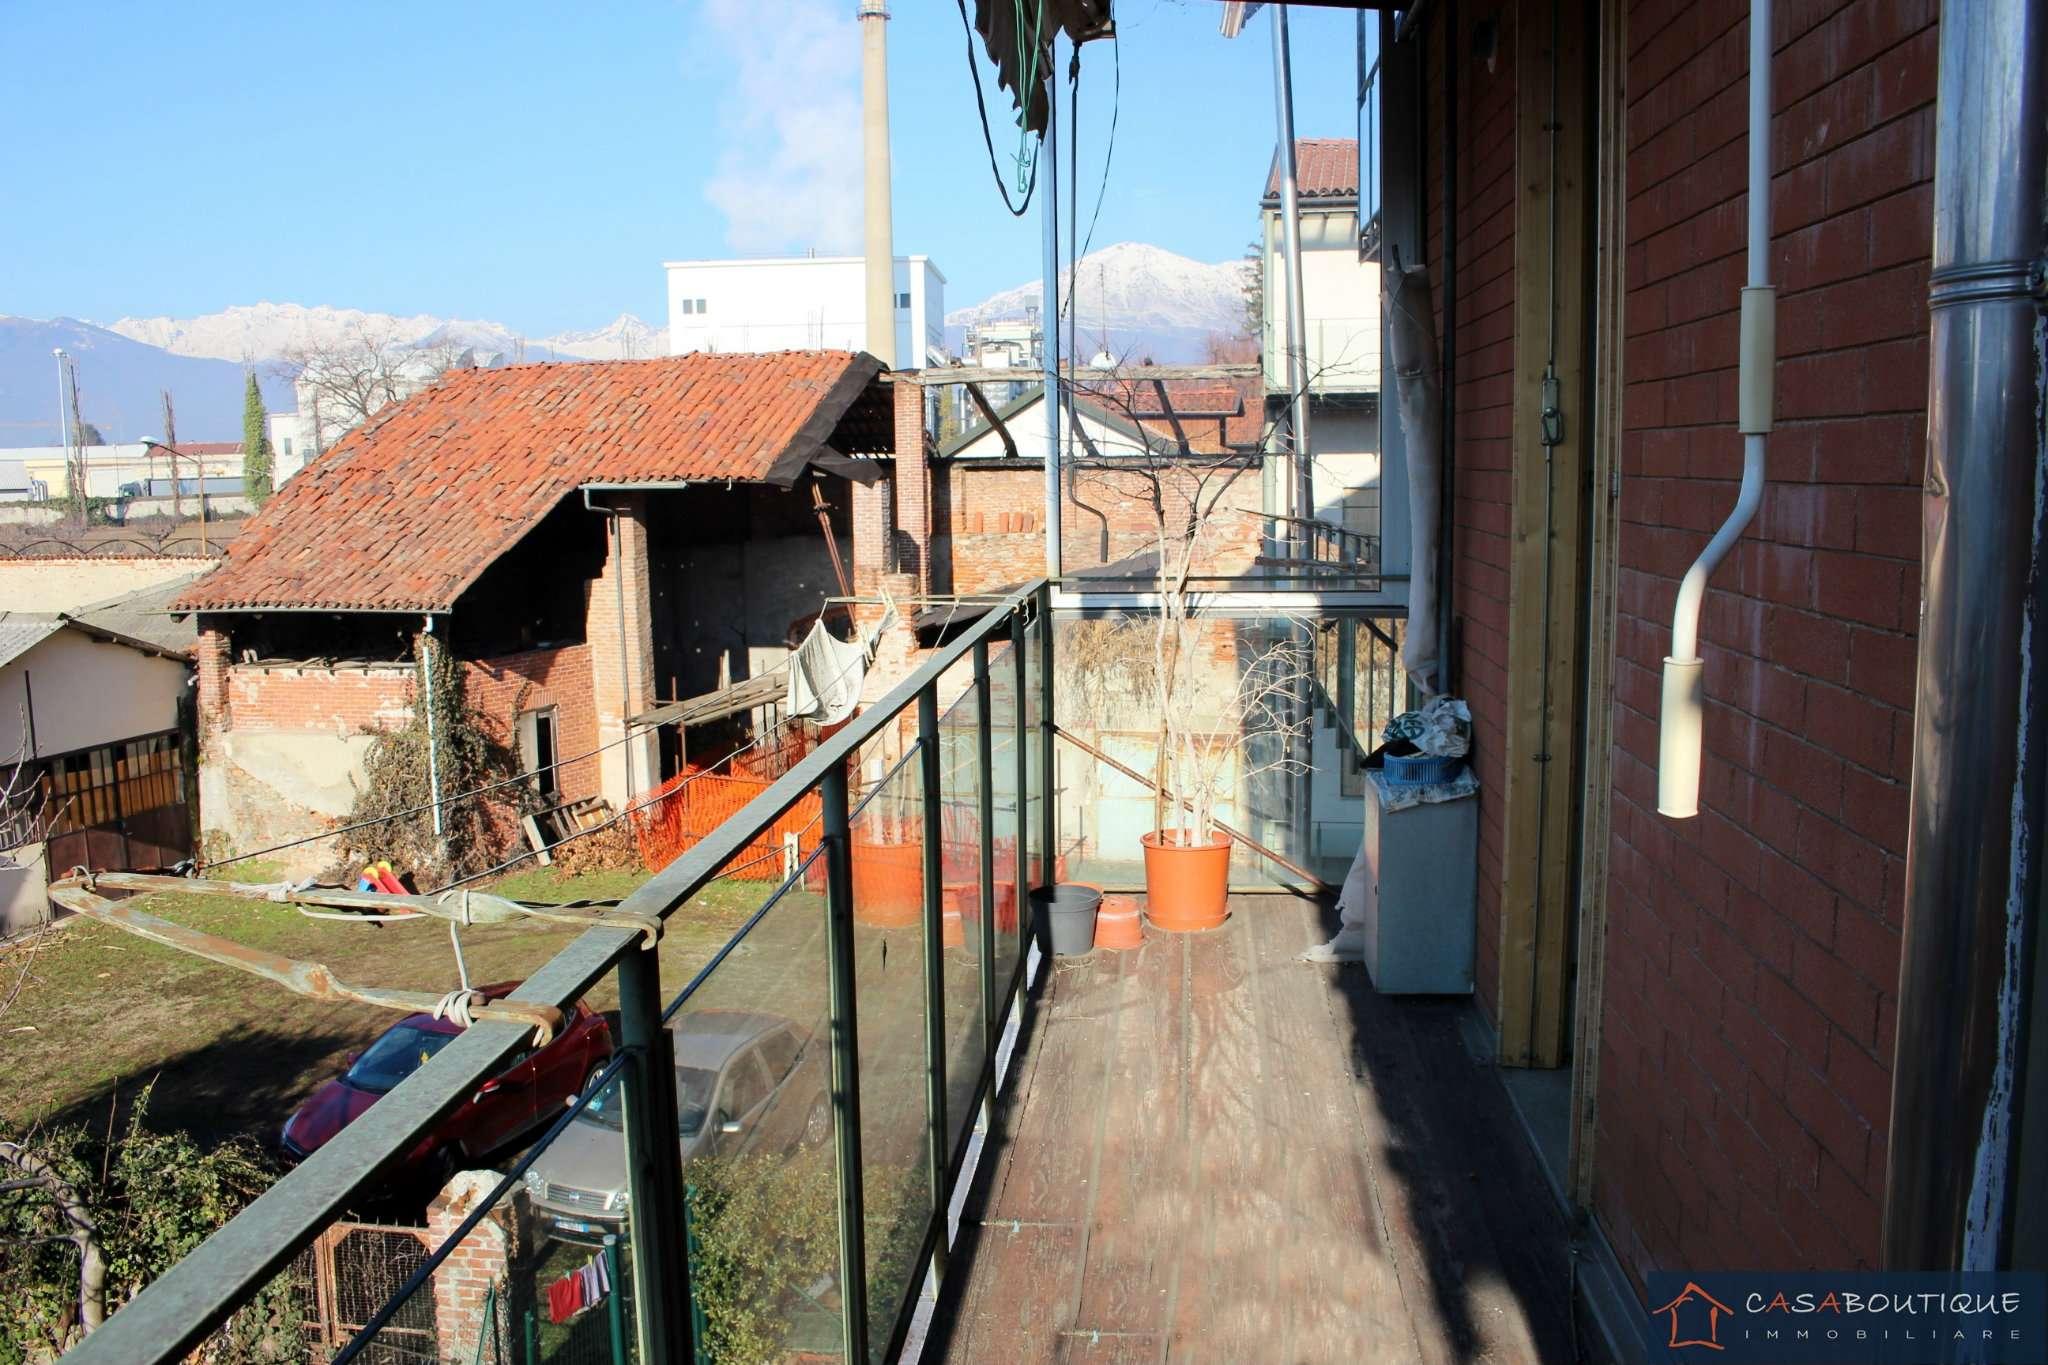 Appartamento in vendita a Rivarolo Canavese, 4 locali, prezzo € 150.000 | CambioCasa.it